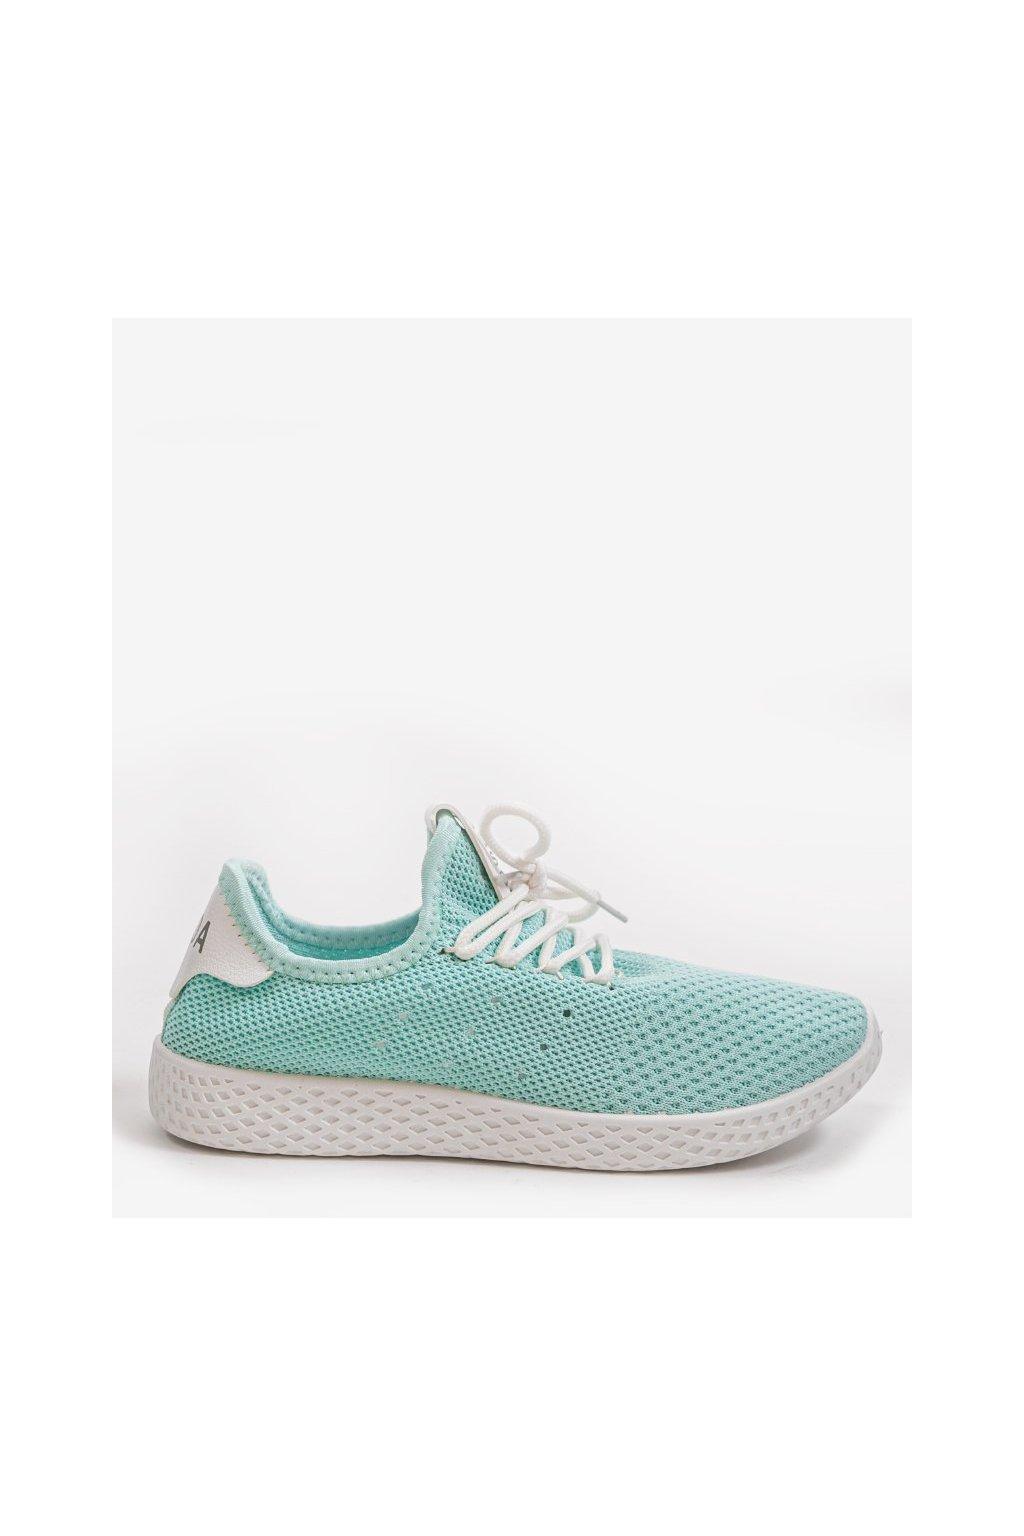 Dámske topánky tenisky modré kód H935-6 GREEN - GM